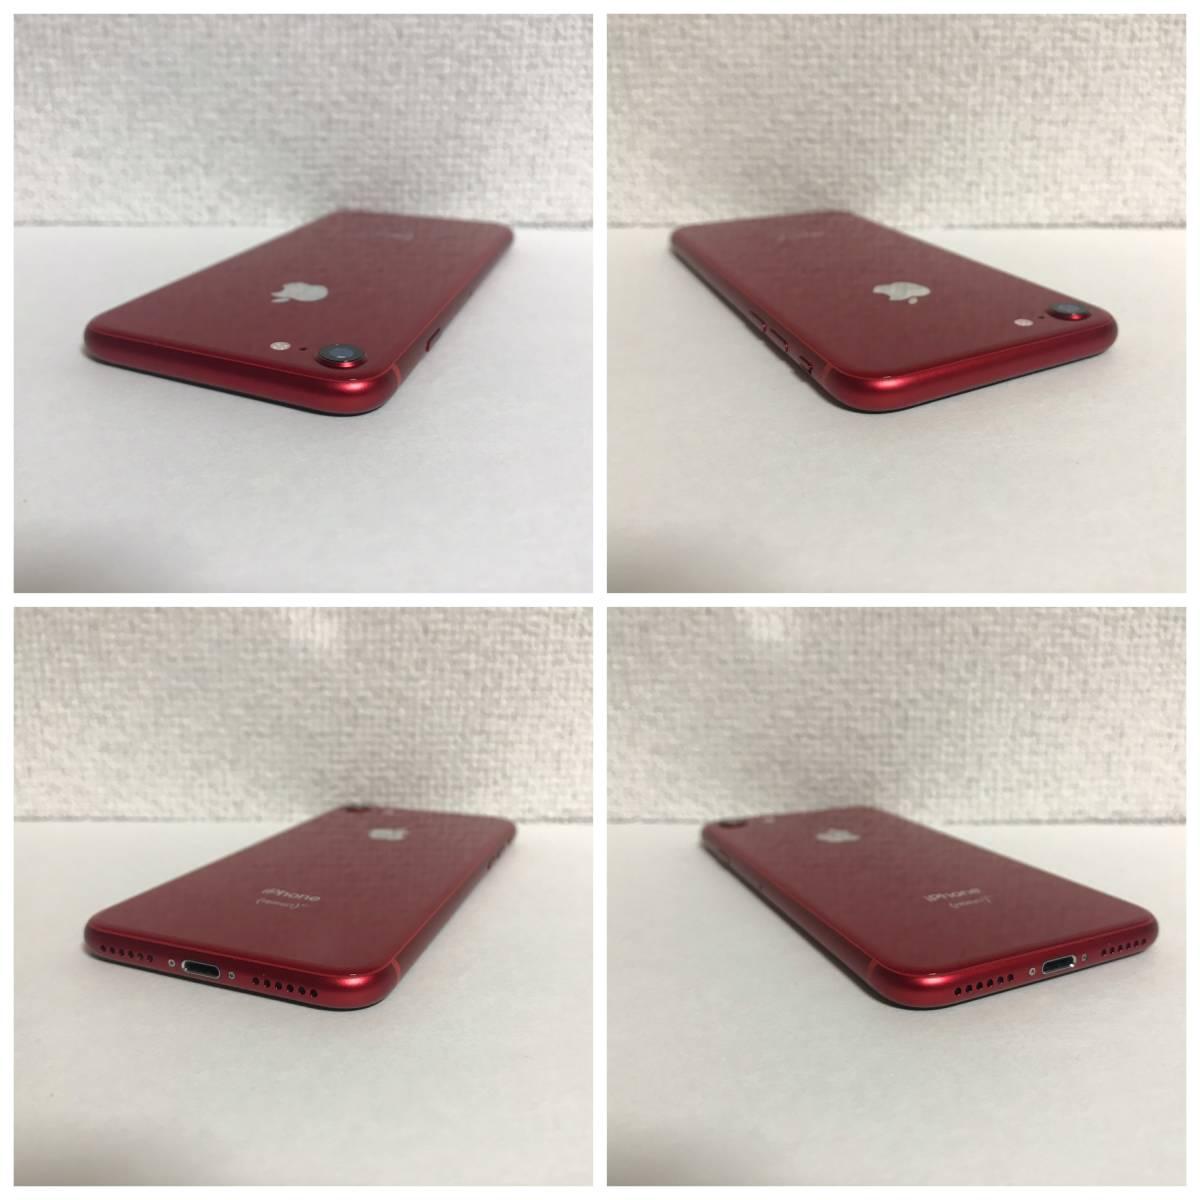 【超美品・電池良好】 SIMフリー iPhone8 64GB Red_画像4